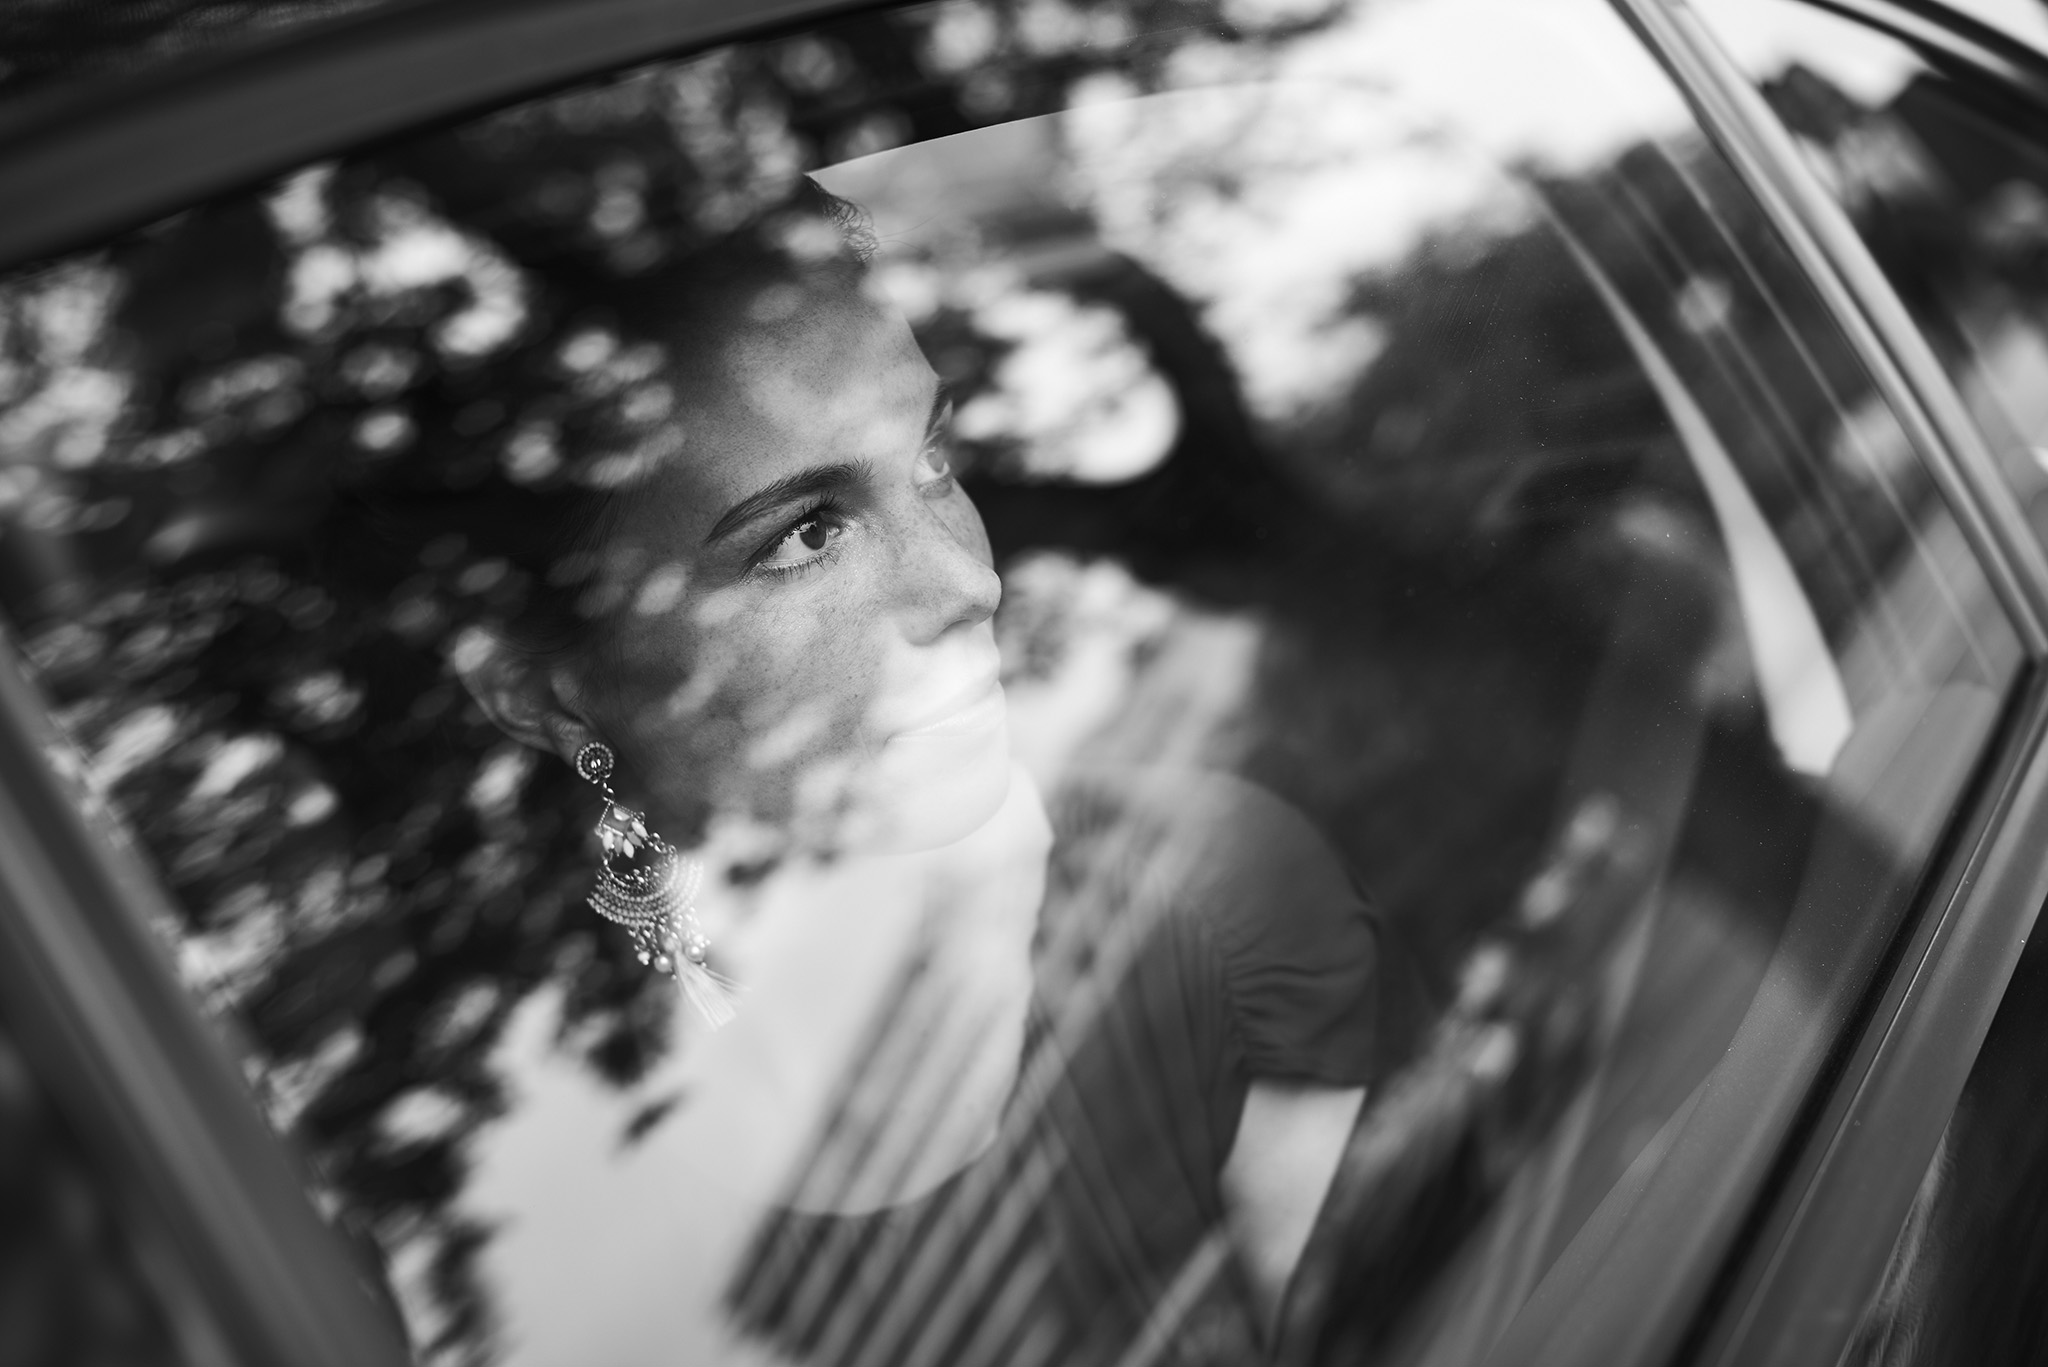 photographie de ceremonie mariage le regard en noir et blanc